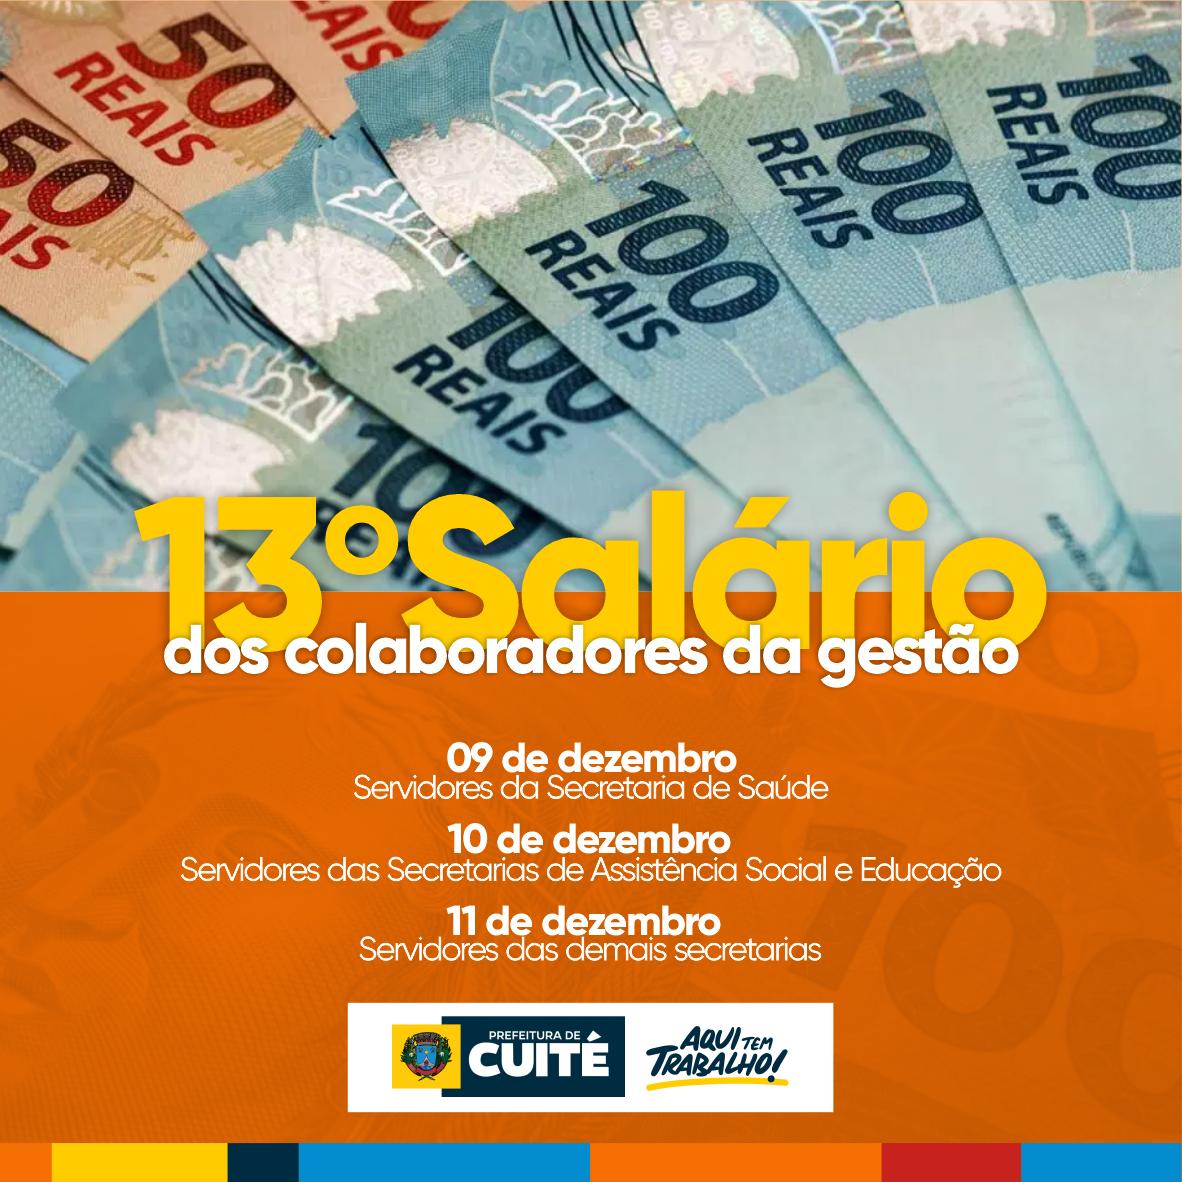 Prefeitura de Cuité paga 50% restante do 13º salário a partir desta quarta (09)